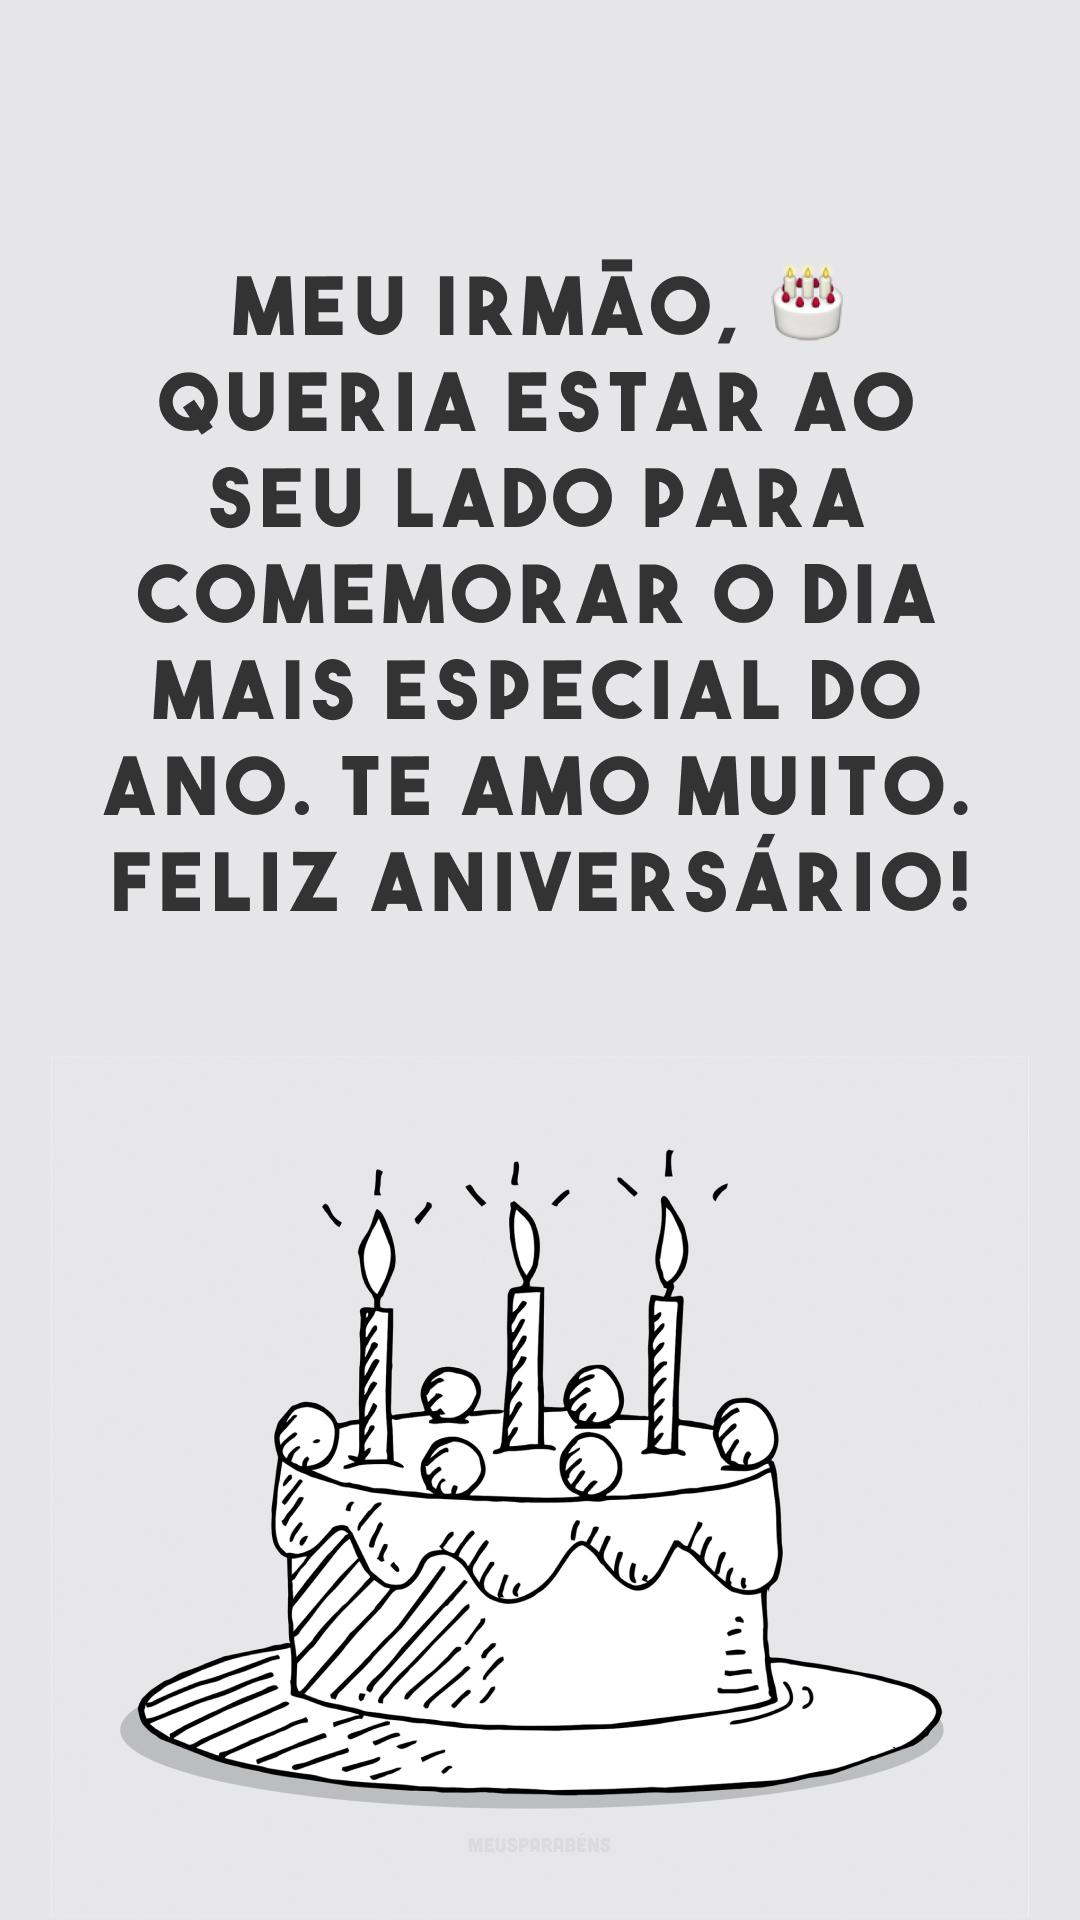 Meu irmão, 🎂 queria estar ao seu lado para comemorar o dia mais especial do ano. Te amo muito. Feliz aniversário!